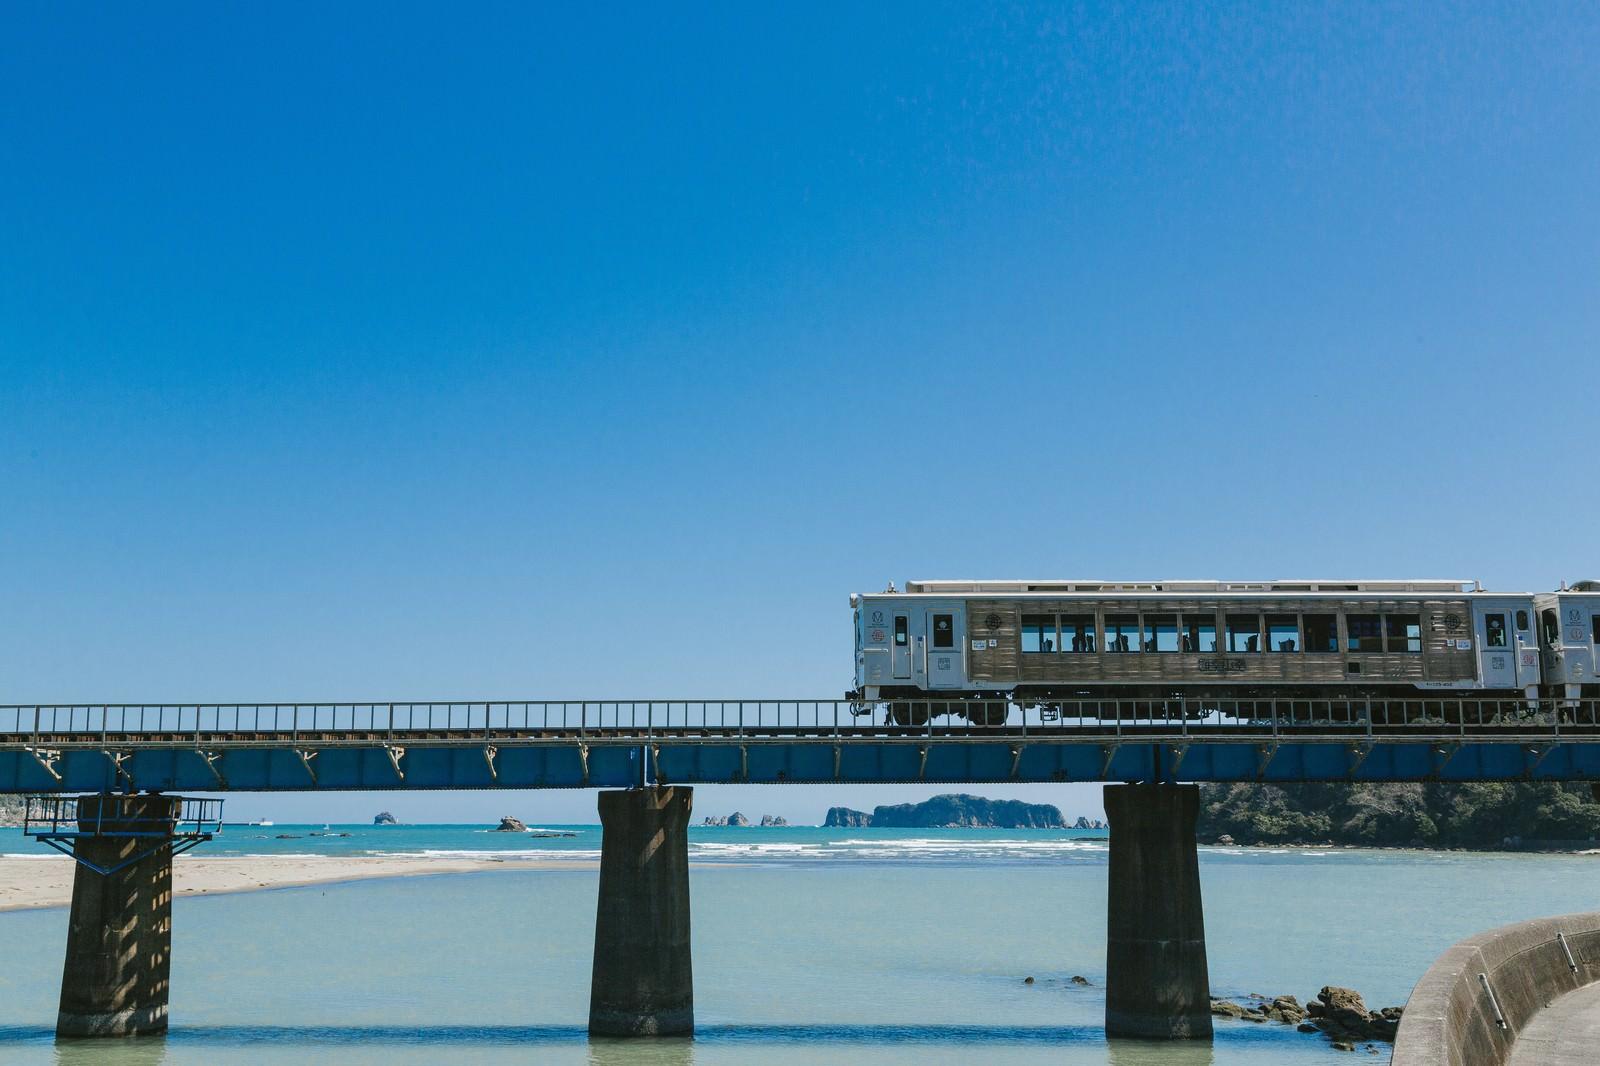 「南郷町に差し掛かった観光列車「海幸山幸」南郷町に差し掛かった観光列車「海幸山幸」」のフリー写真素材を拡大